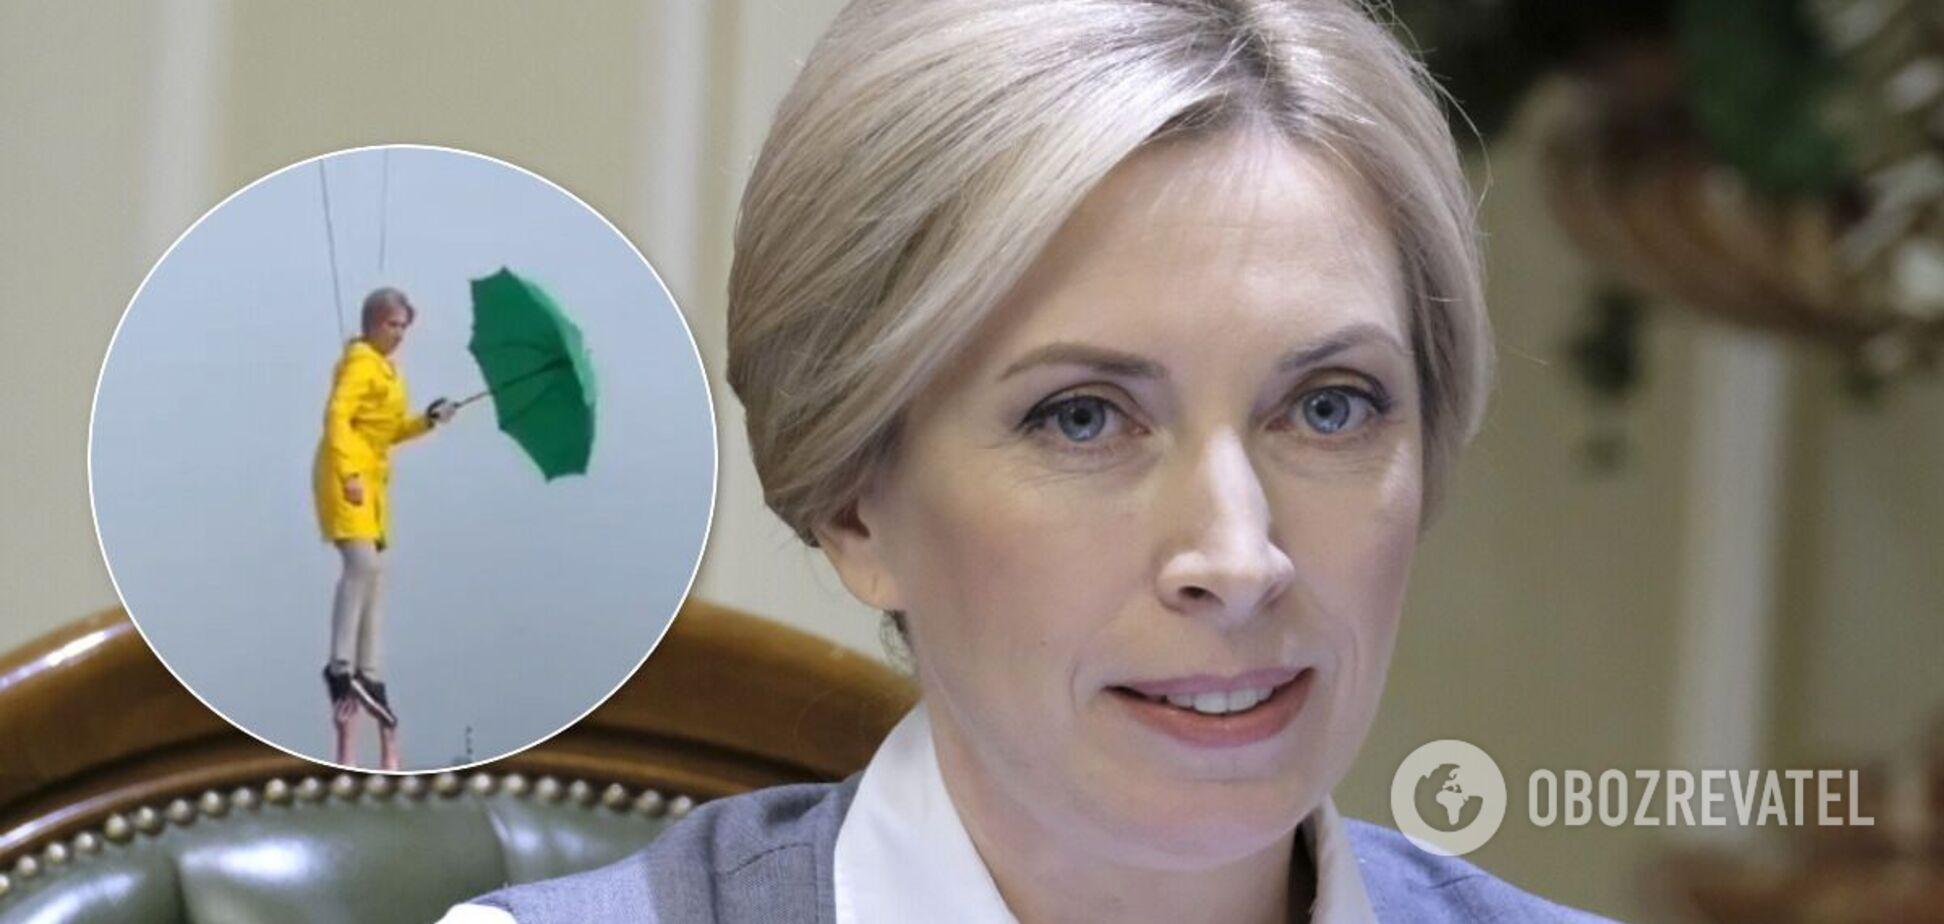 Верещук під час знімання ролика 'літала' над Києвом: у мережі її порівняли з Мері Поппінс. Відео